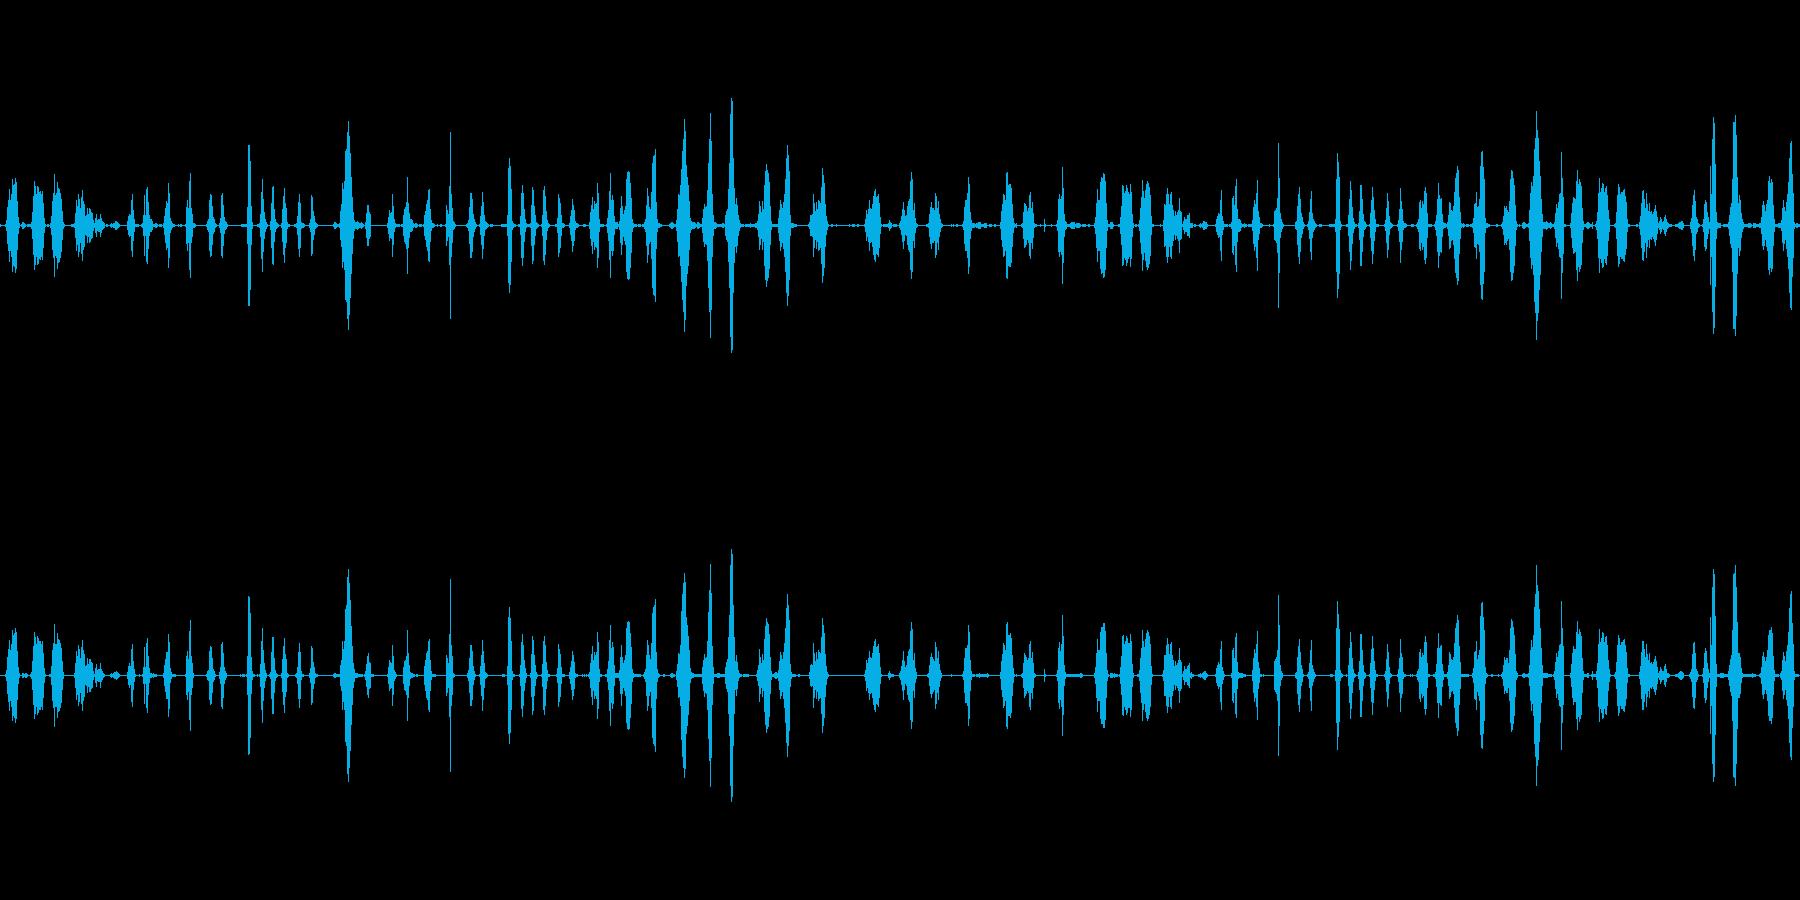 喋った声を早送りにした音の再生済みの波形